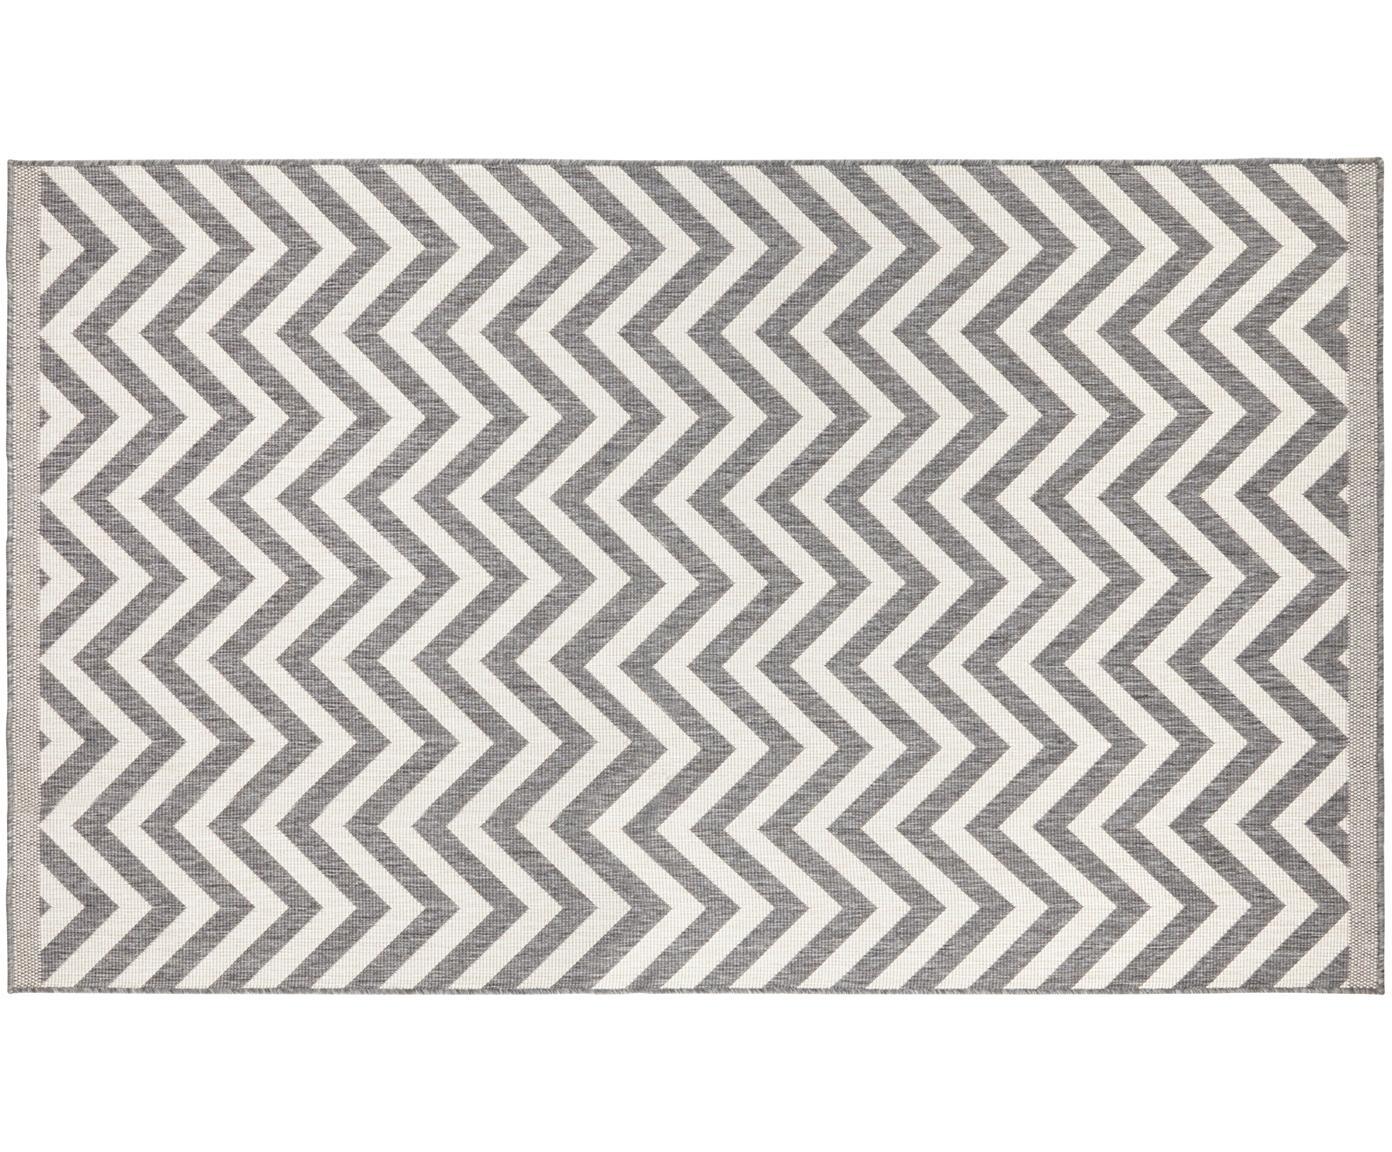 Vnitřní a venkovní koberec s klikatým vzorem Palma, oboustranný, Šedá, krémová